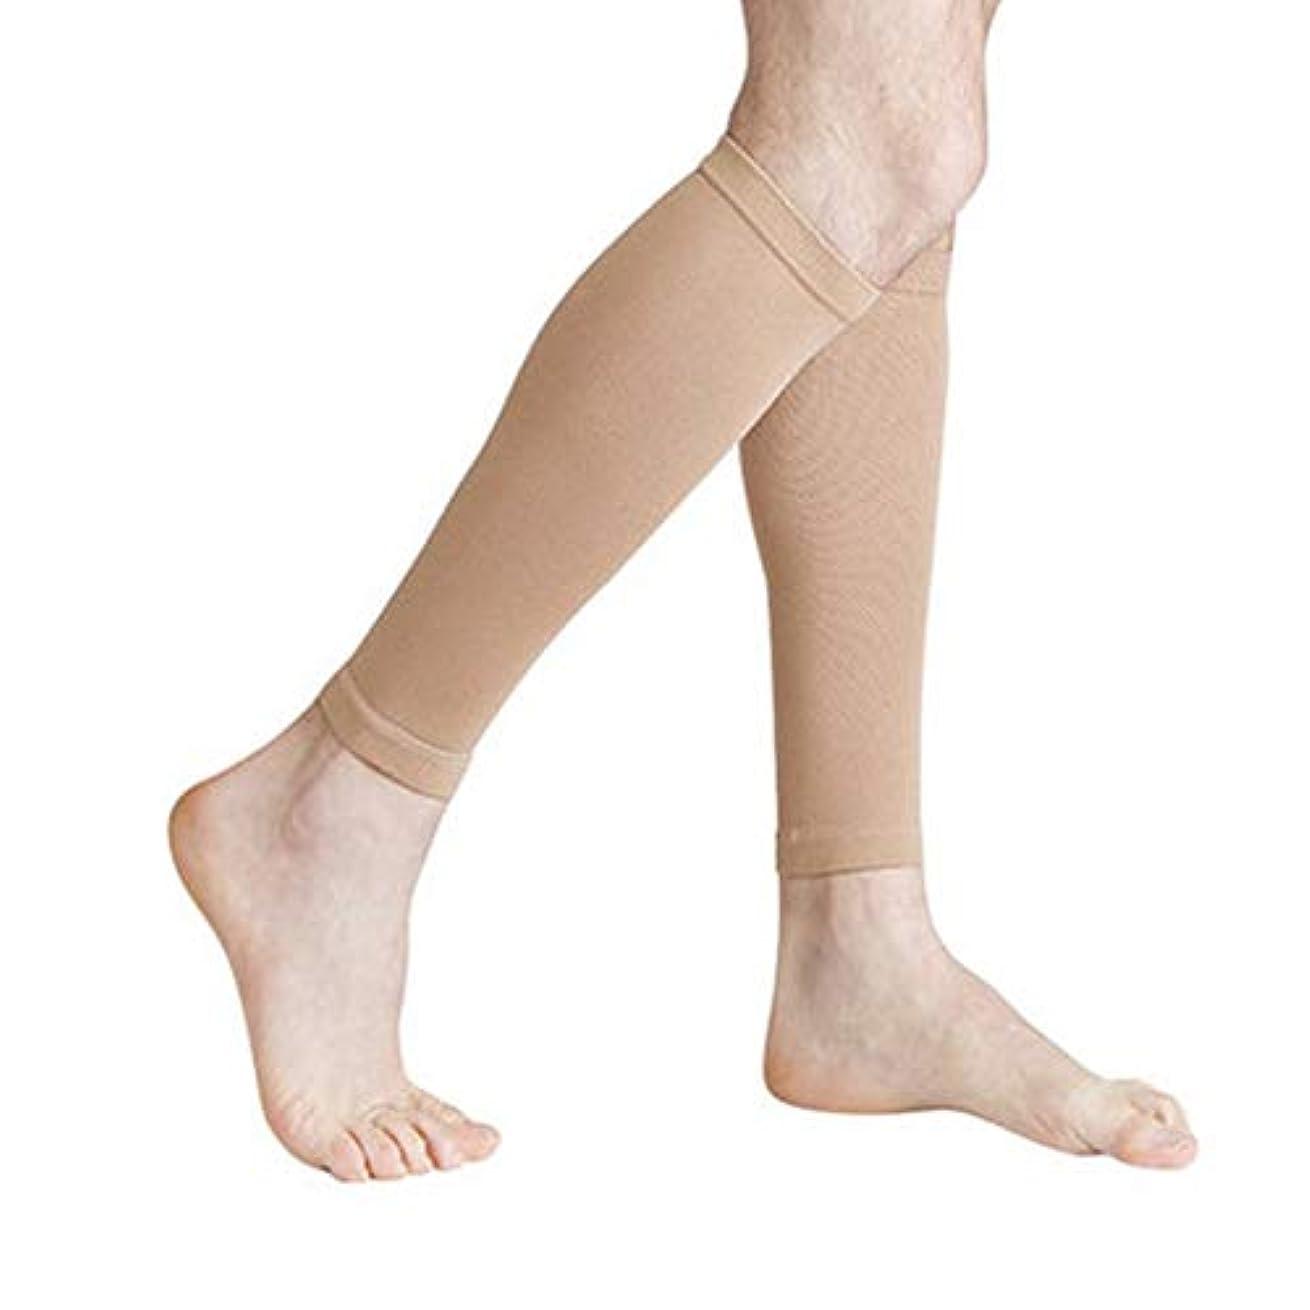 高原プレゼンテーションサスペンド丈夫な男性女性プロの圧縮靴下通気性のある旅行活動看護師用シントスプリントフライトトラベル - 肌色